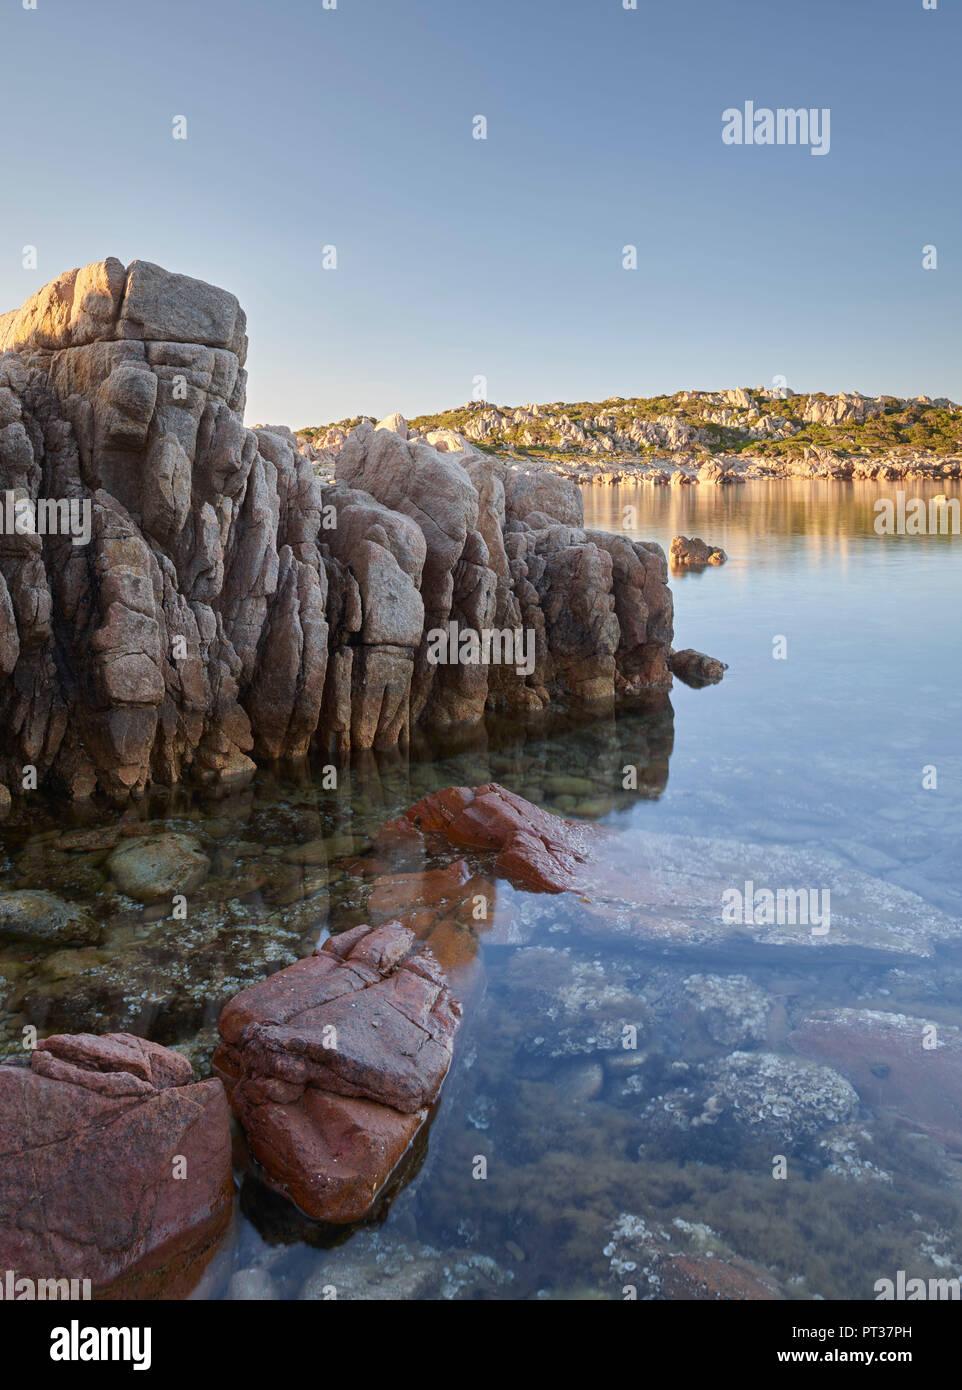 Le formazioni rocciose in Bruzzi riserva naturale, vicino Pianottoli-Caldarello, Corse du Sud, Corsica, Francia Immagini Stock